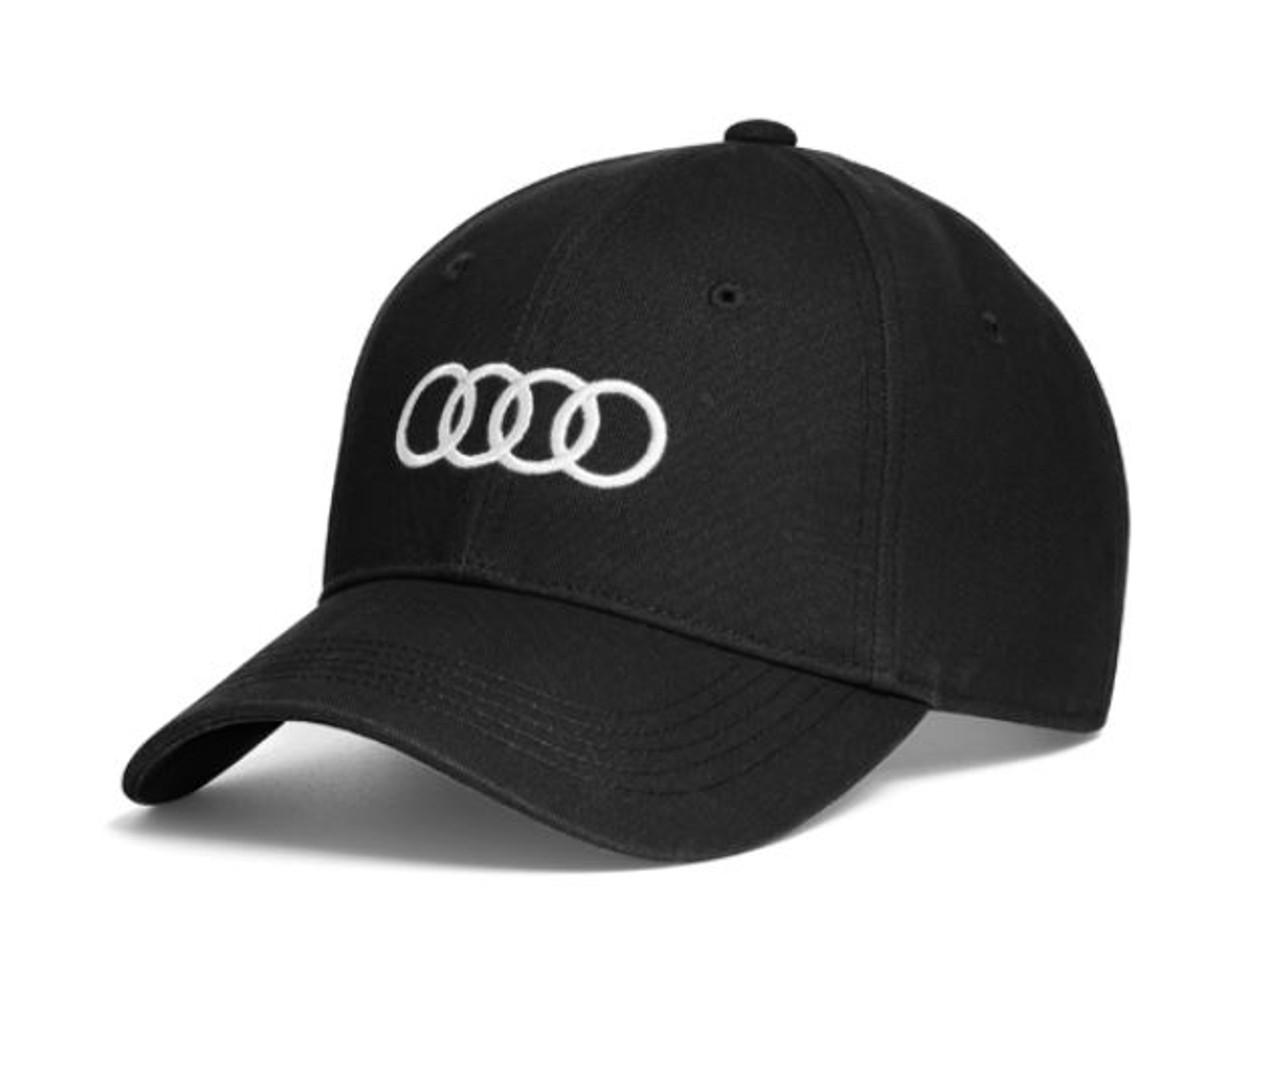 Genuine Audi Cap, black